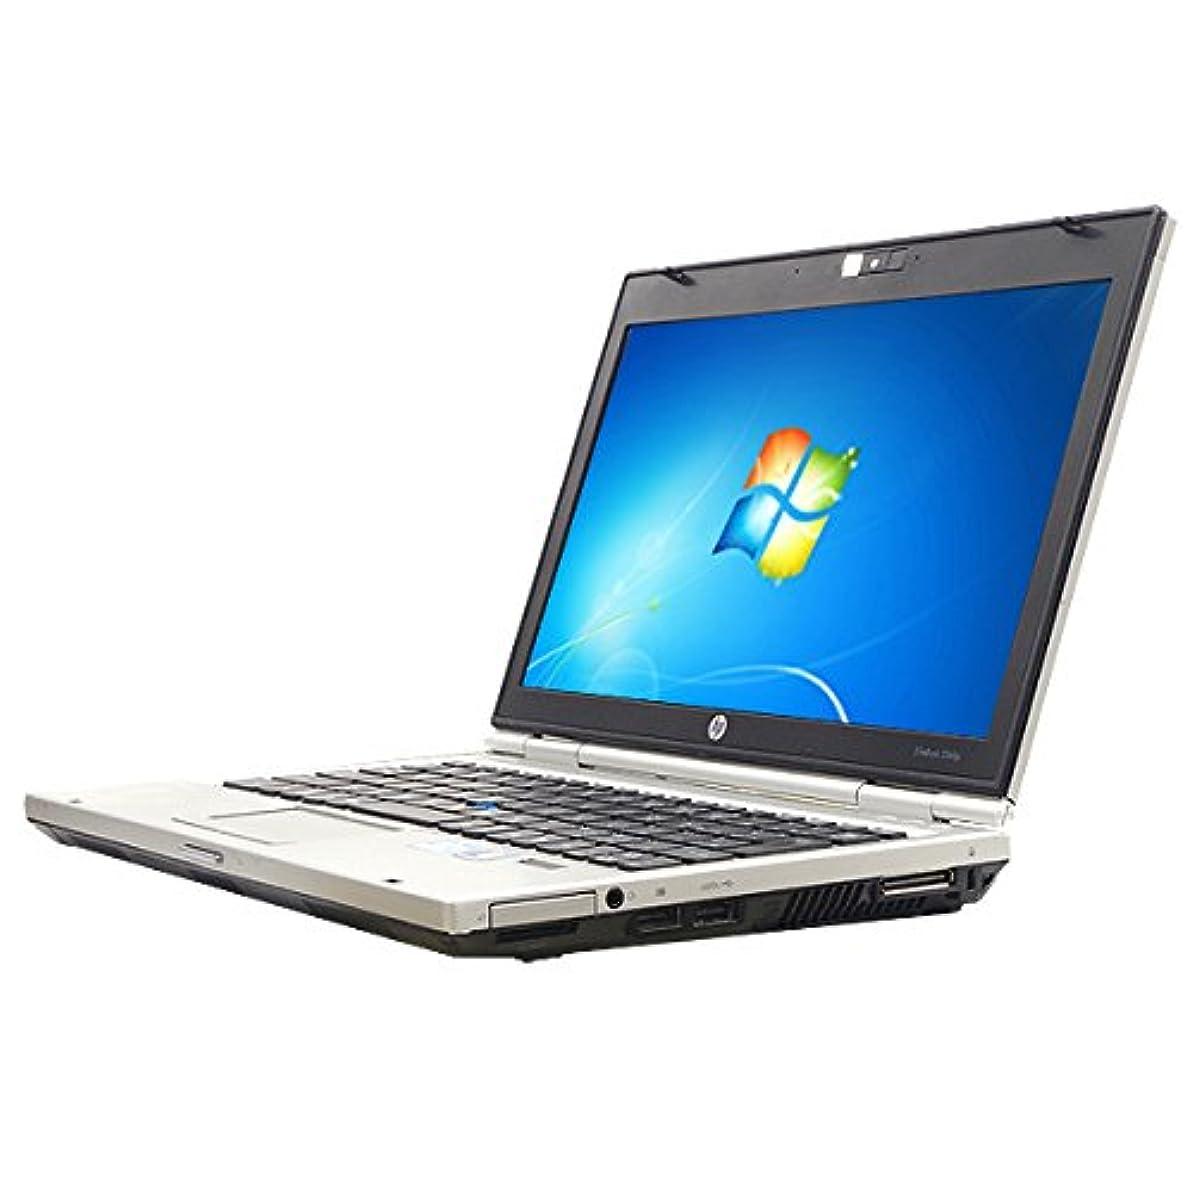 囲むカメラウズ中古 HP EliteBook 2560p Core i5 4GBメモリ 12.5型ワイド DVDマルチドライブ Windows7 MicrosoftOffice付(2003)